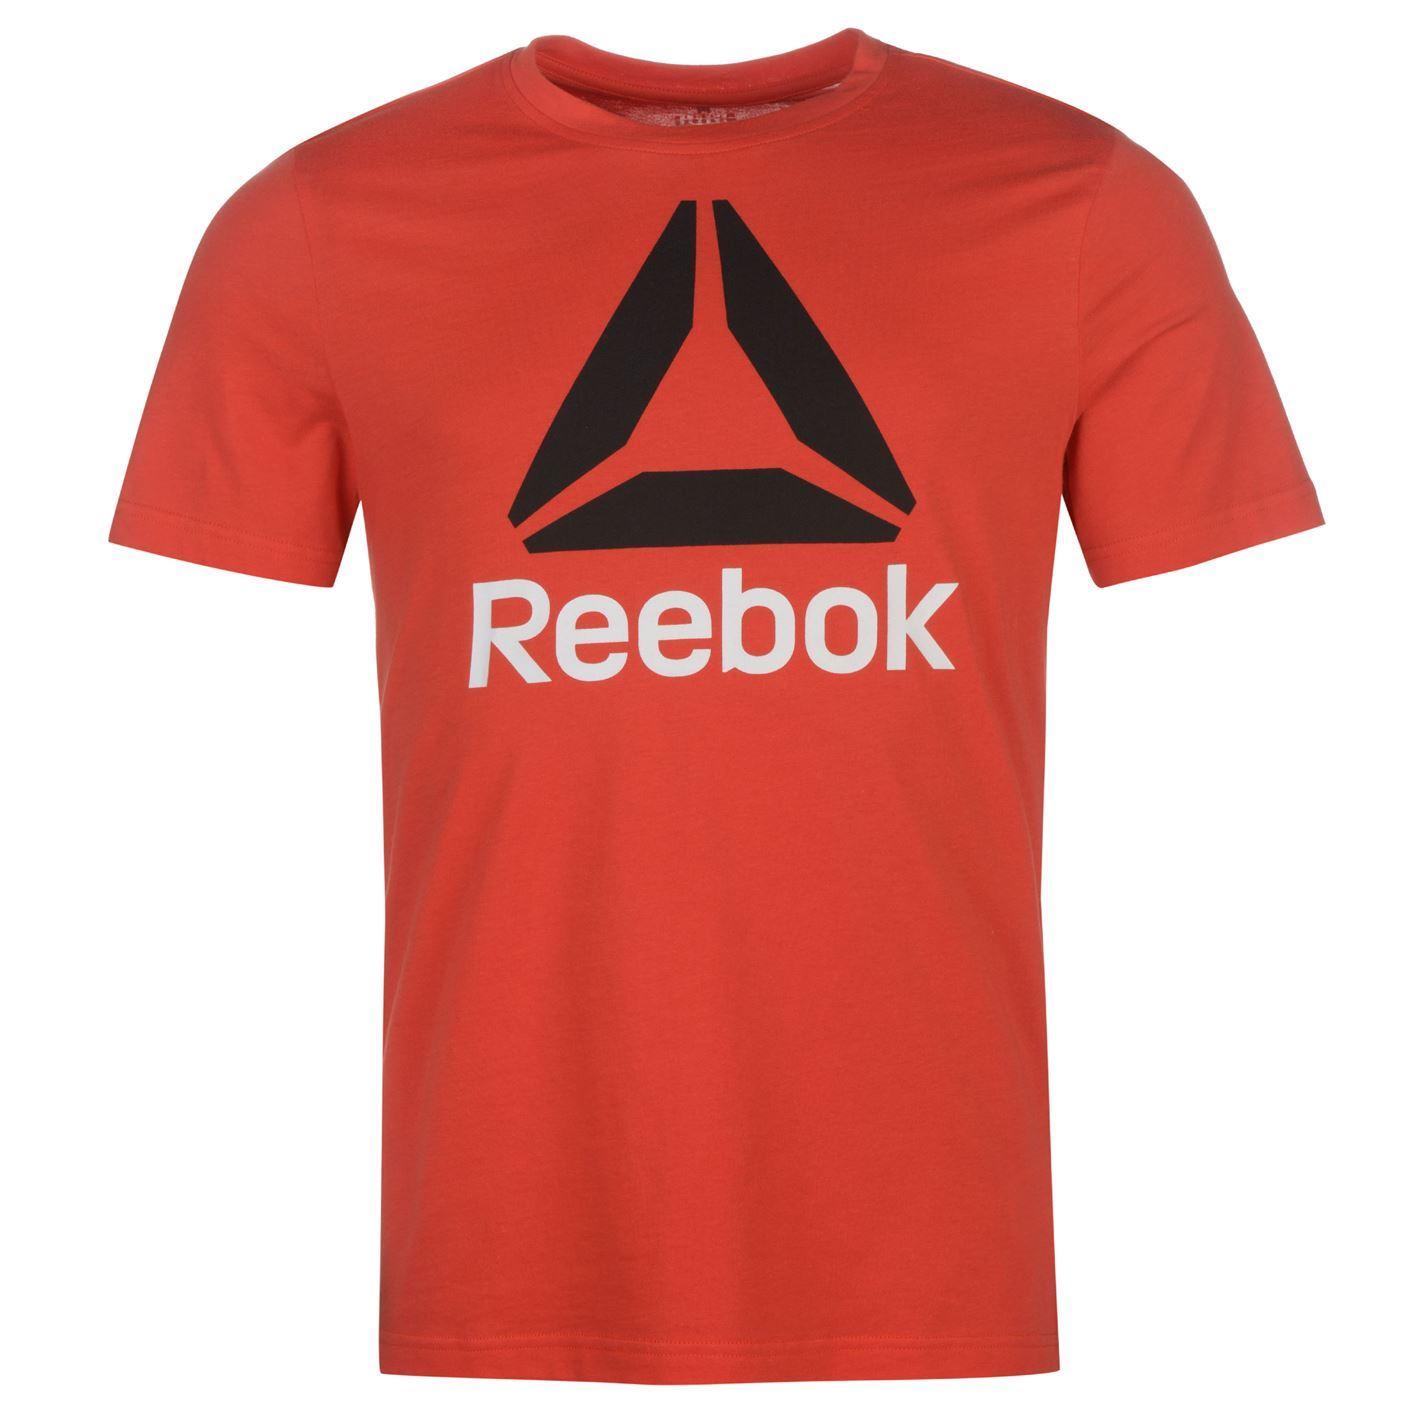 Reebok-Stack-Delta-Logo-T-Shirt-Mens-Tee-Shirt-Top thumbnail 22